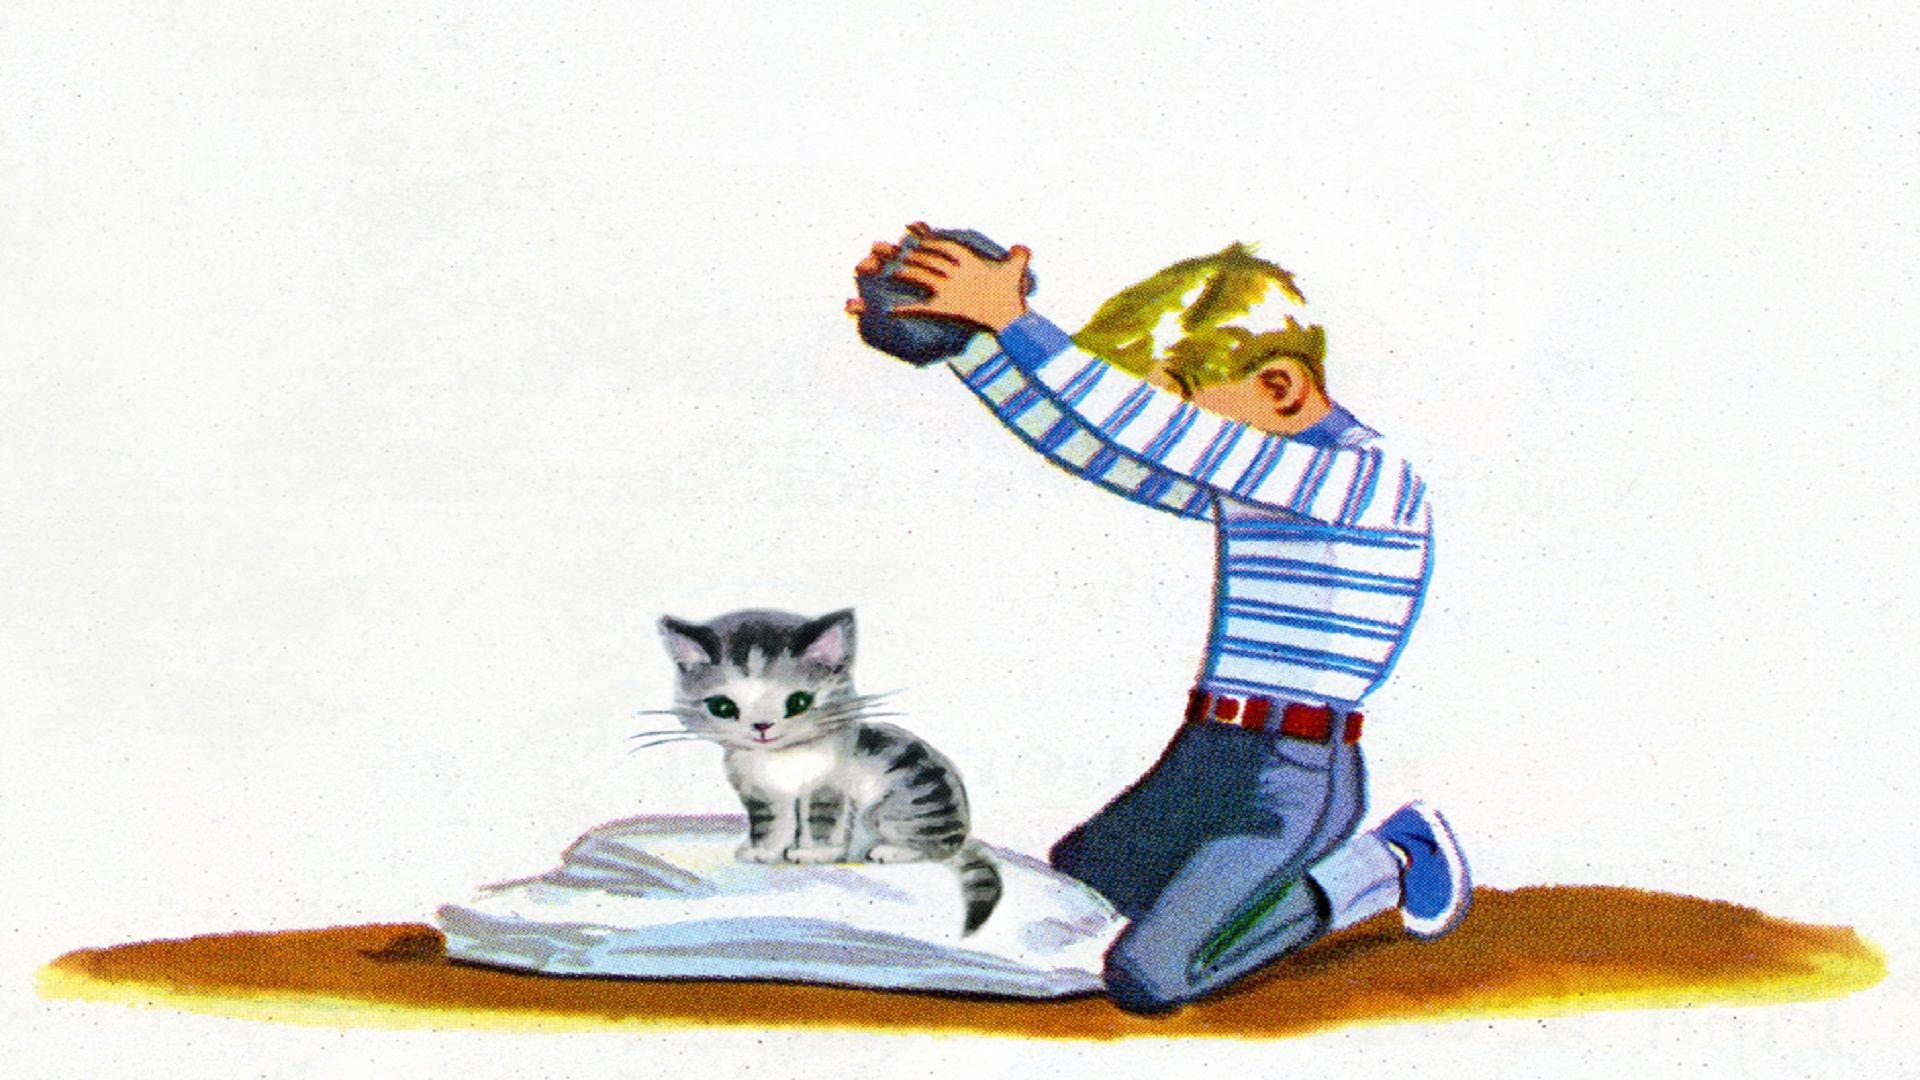 Cat Wallpaper [1920x1080] | Reddit HD Wallpapers | Cat wallpaper, Wallpaper, Cats